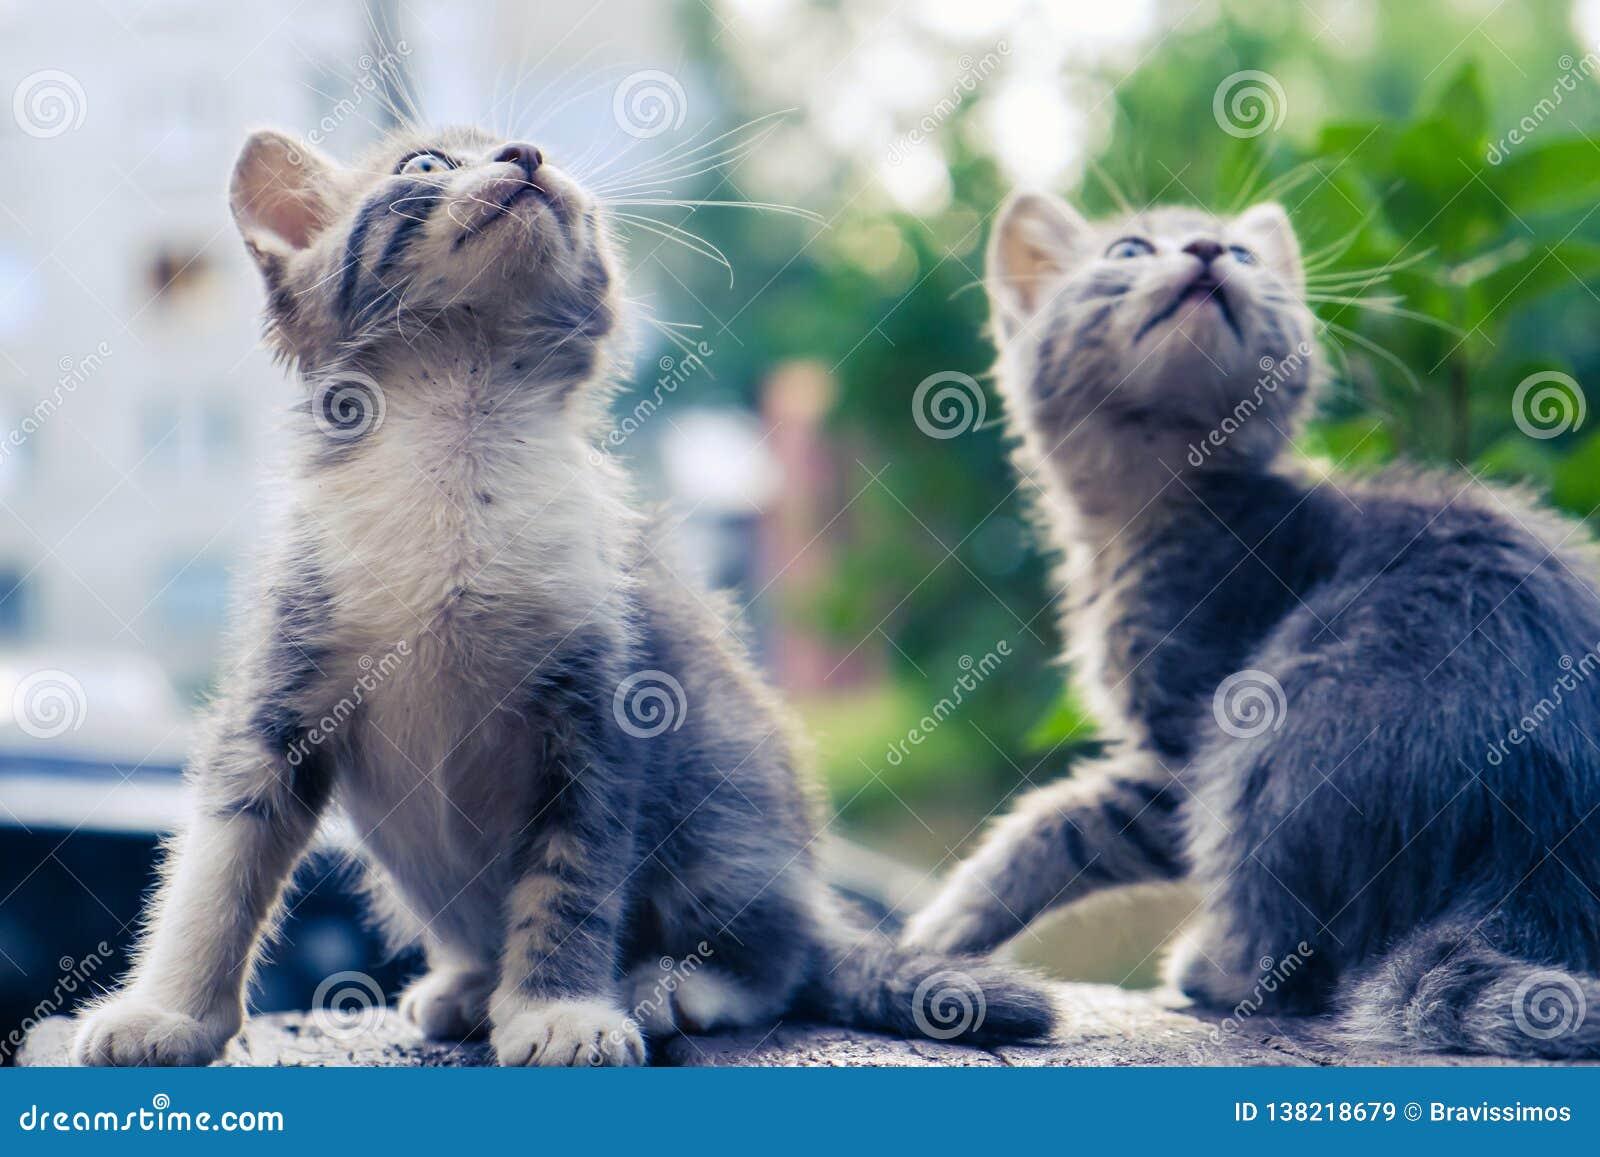 Kitten Cat Stray Cute Pet Alone Beautiful Stock Image Image Of Mammal Alone 138218679